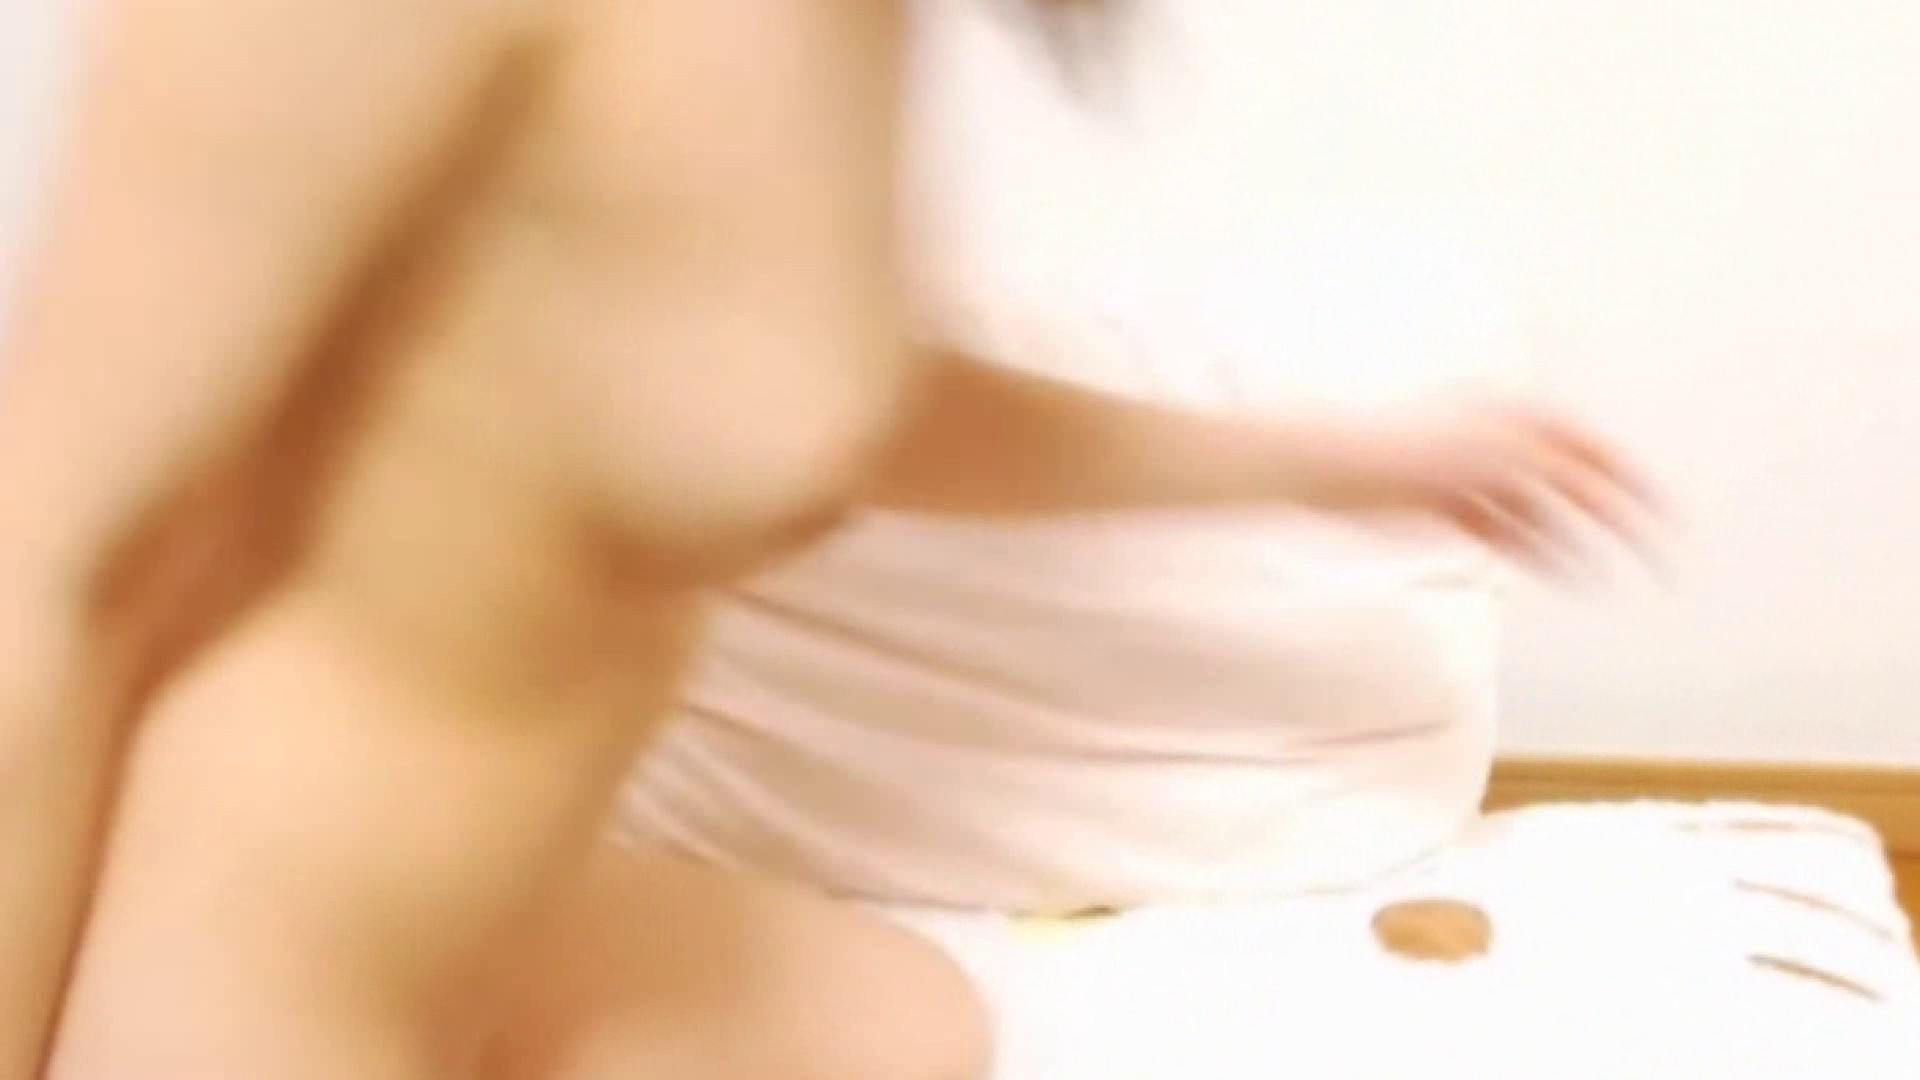 おしえてギャル子のH塾 Vol.07 前編 一般投稿 オマンコ無修正動画無料 106pic 33